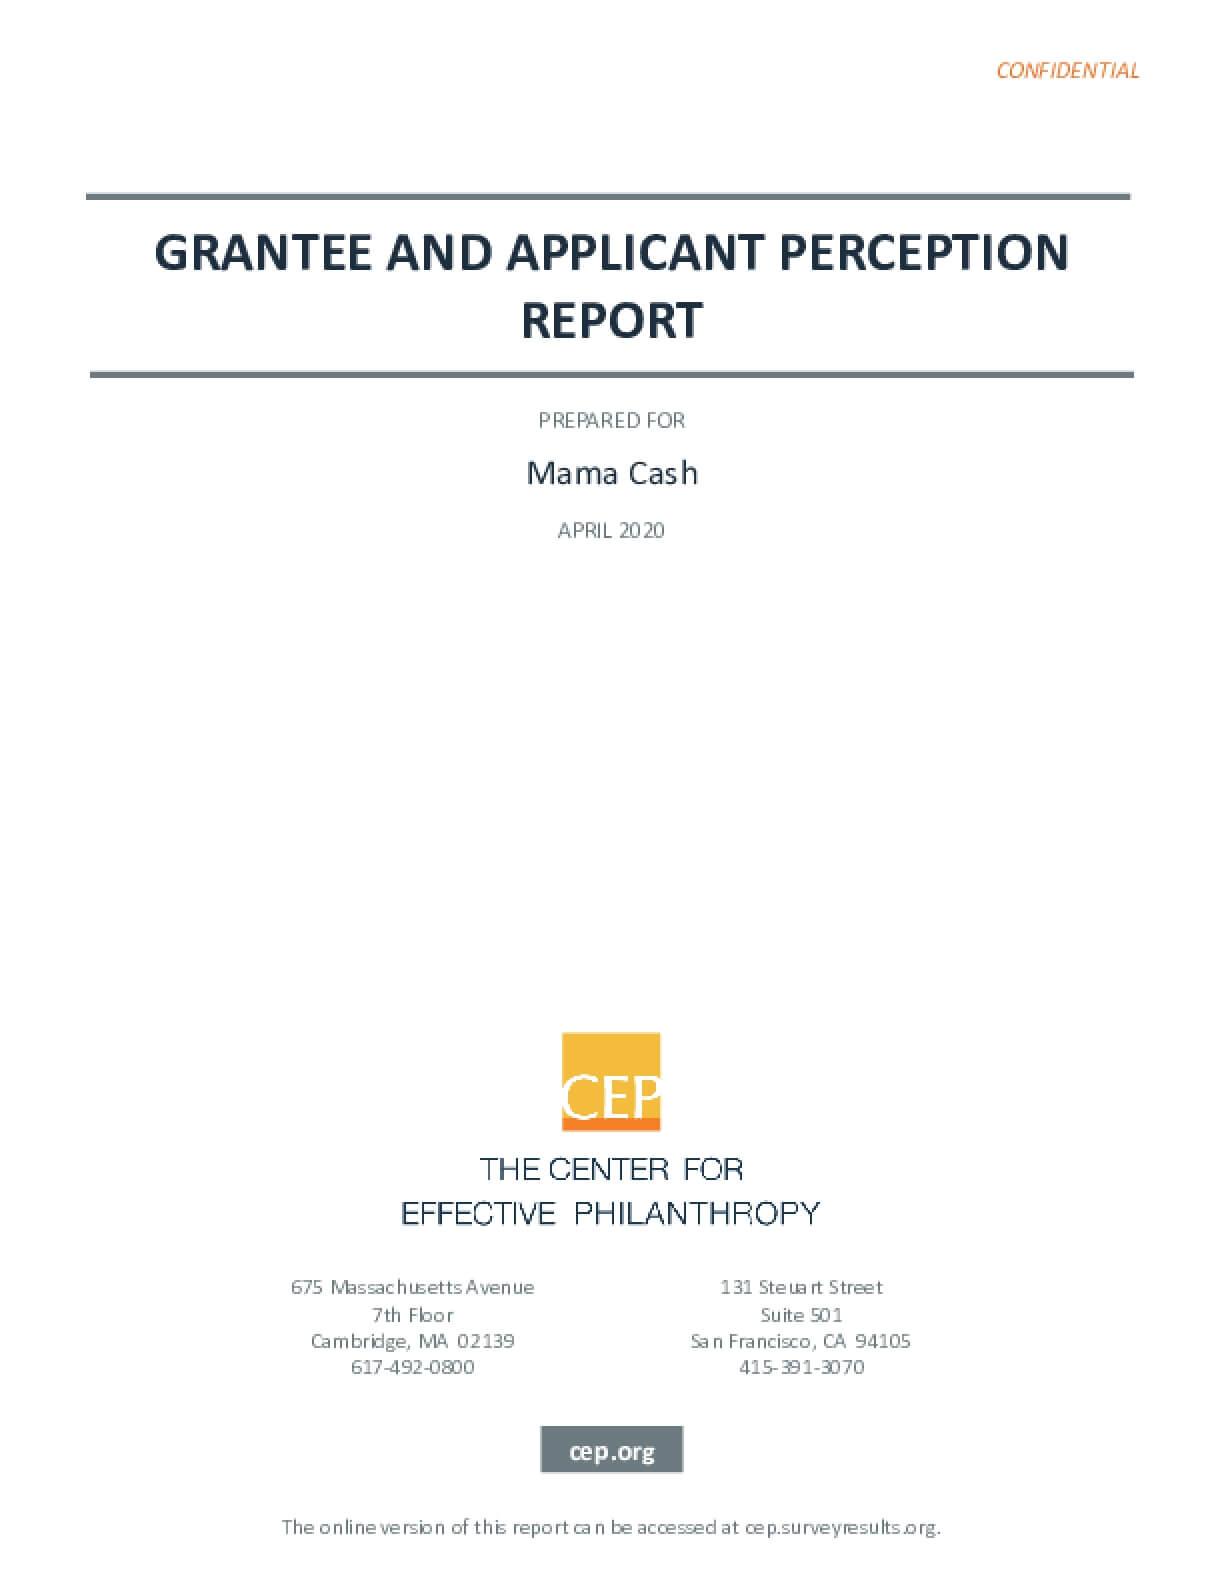 Grantee and Applicant Perception Report: Mama Cash